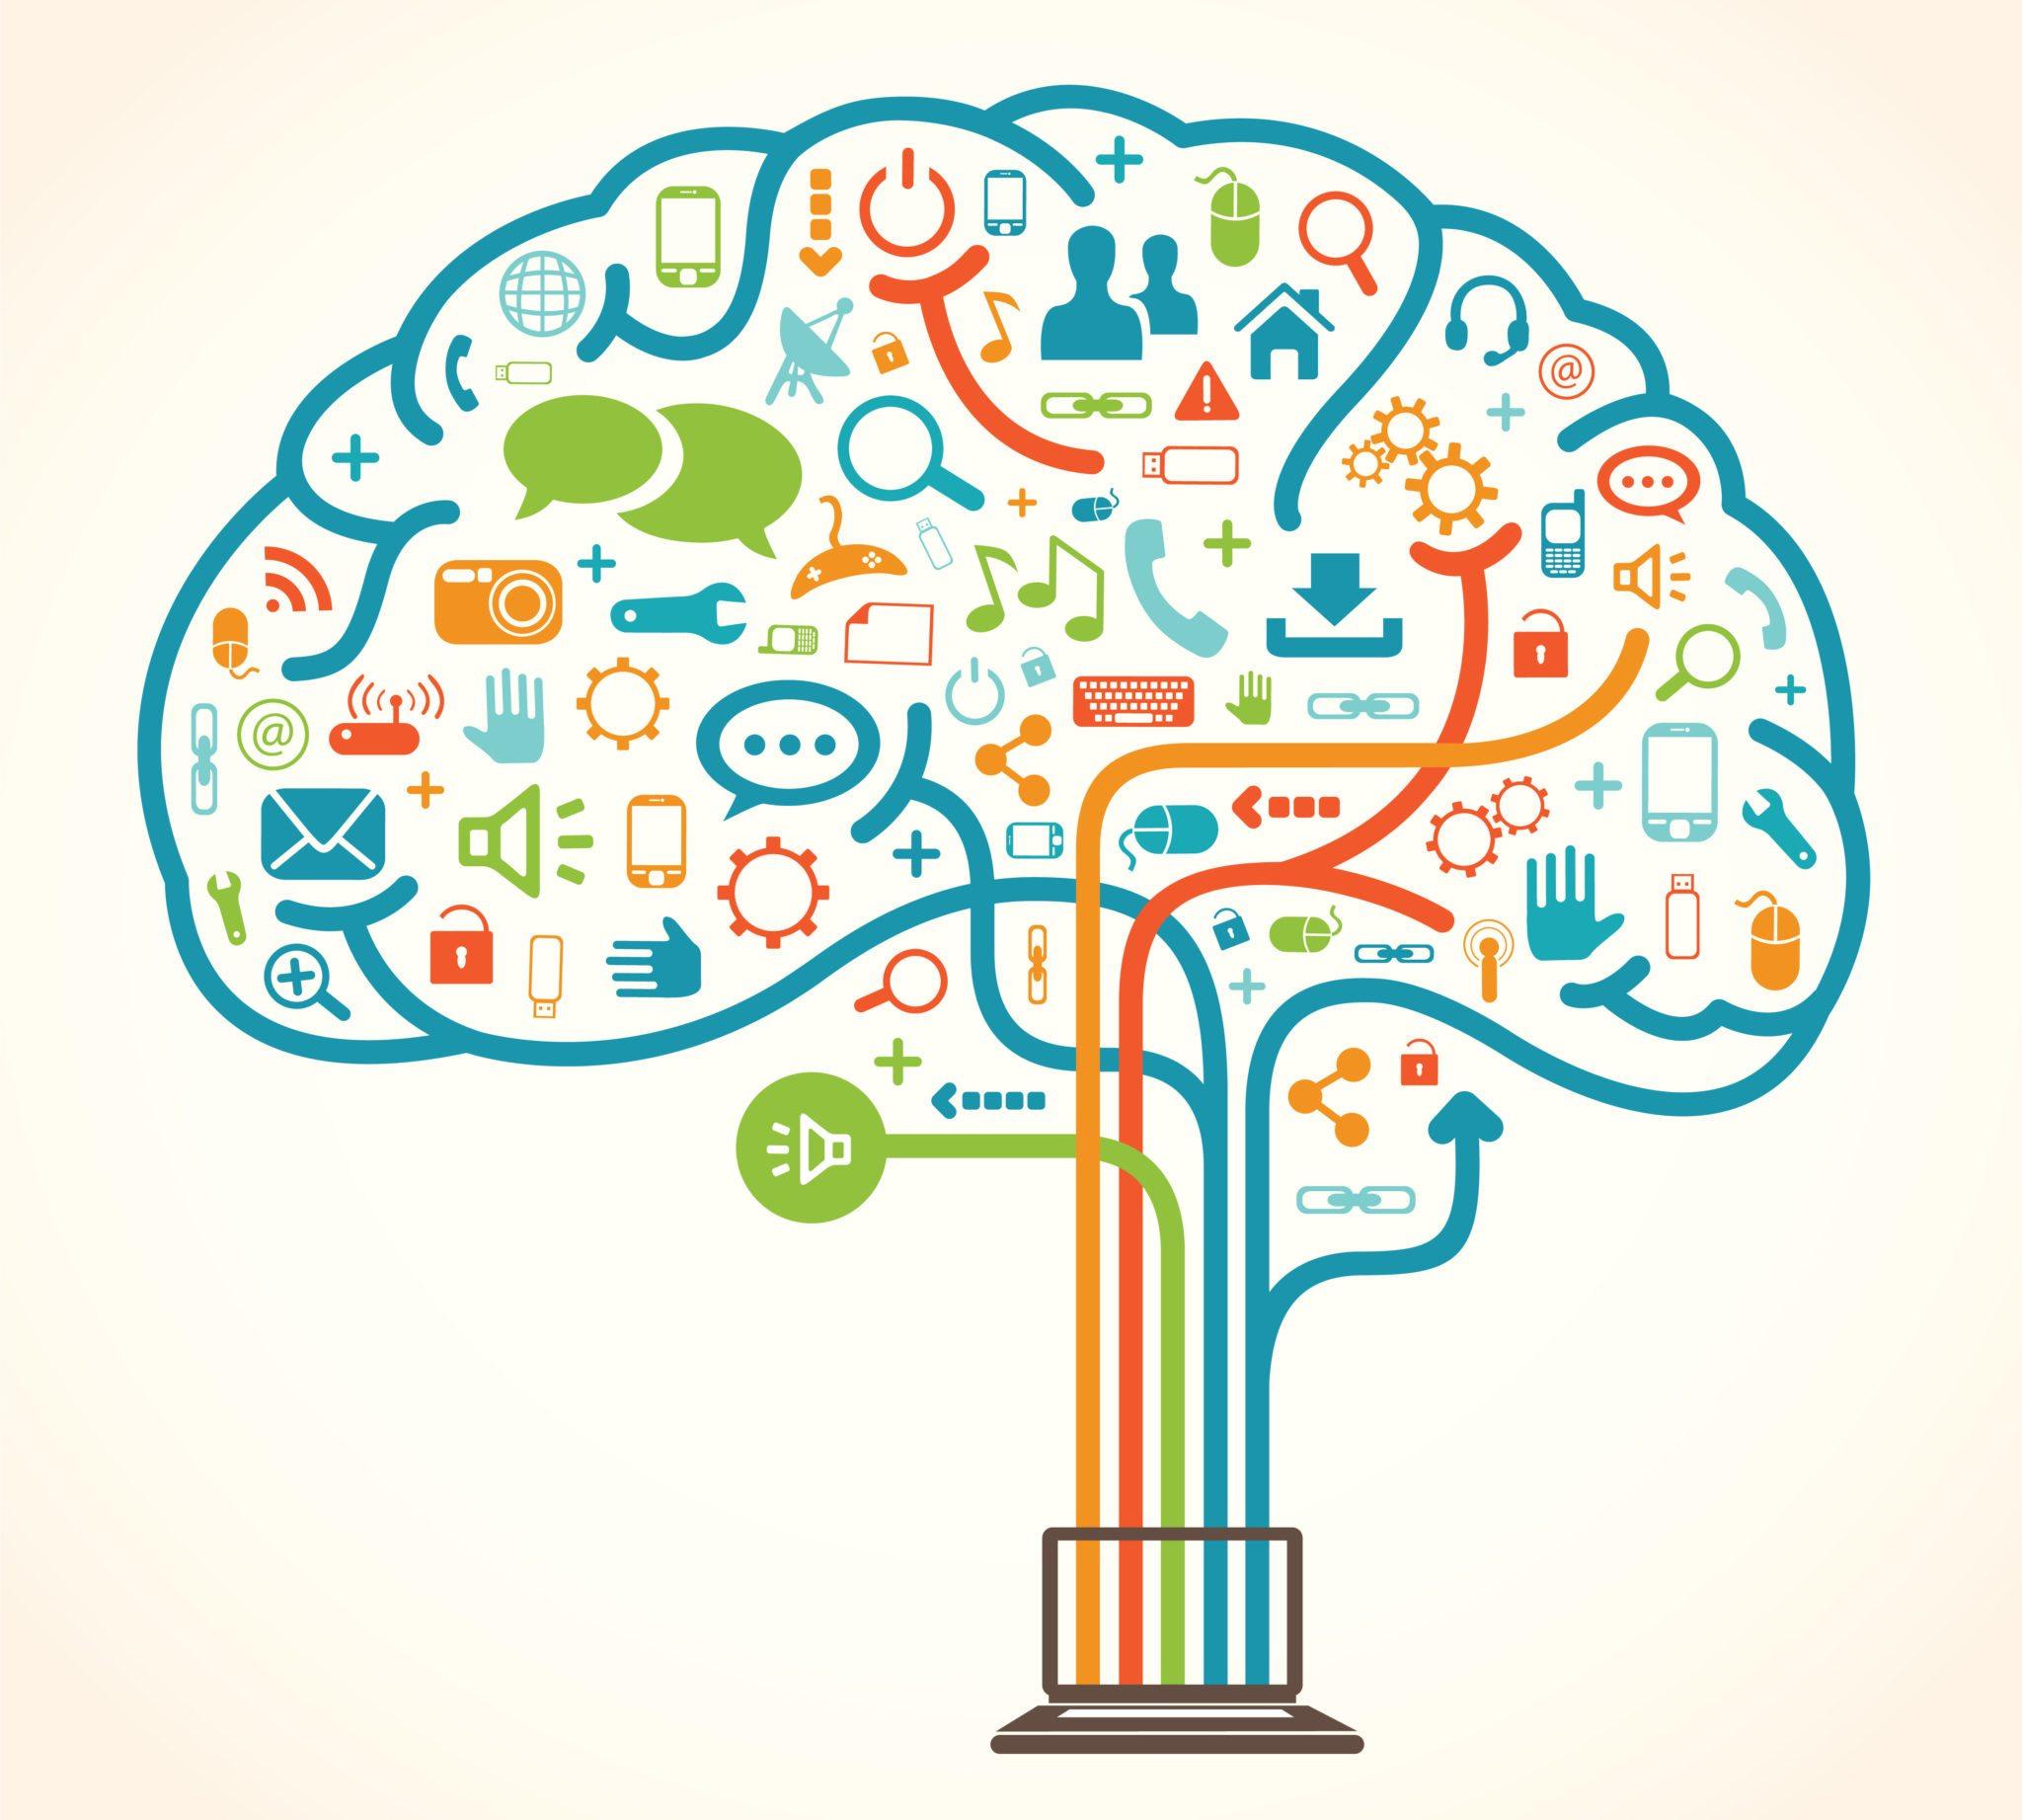 Gears clipart brain memory  Air Quality Brain Performance